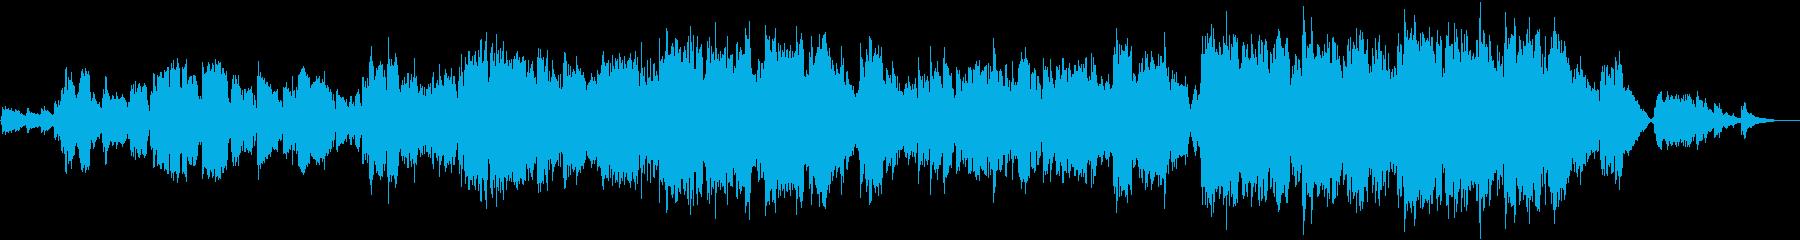 女性ボーカルによる爽やかで切ないバラードの再生済みの波形